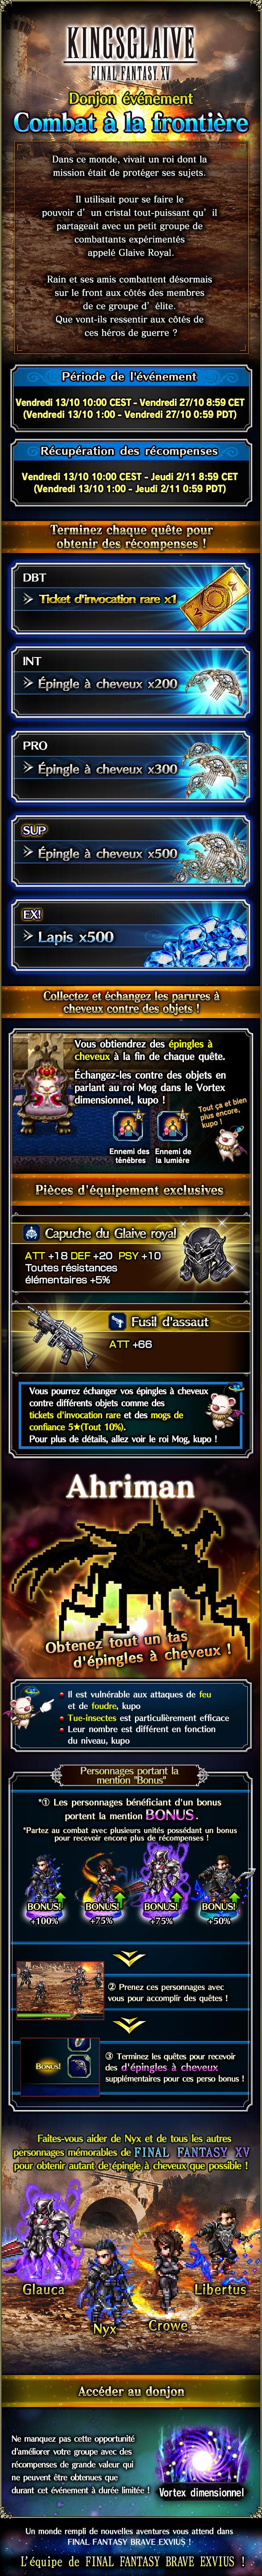 Evénement MK - FFXV Kingsglaive - Combat à la frontière - du 13/10 au 27/10 News_banner_FF15_event